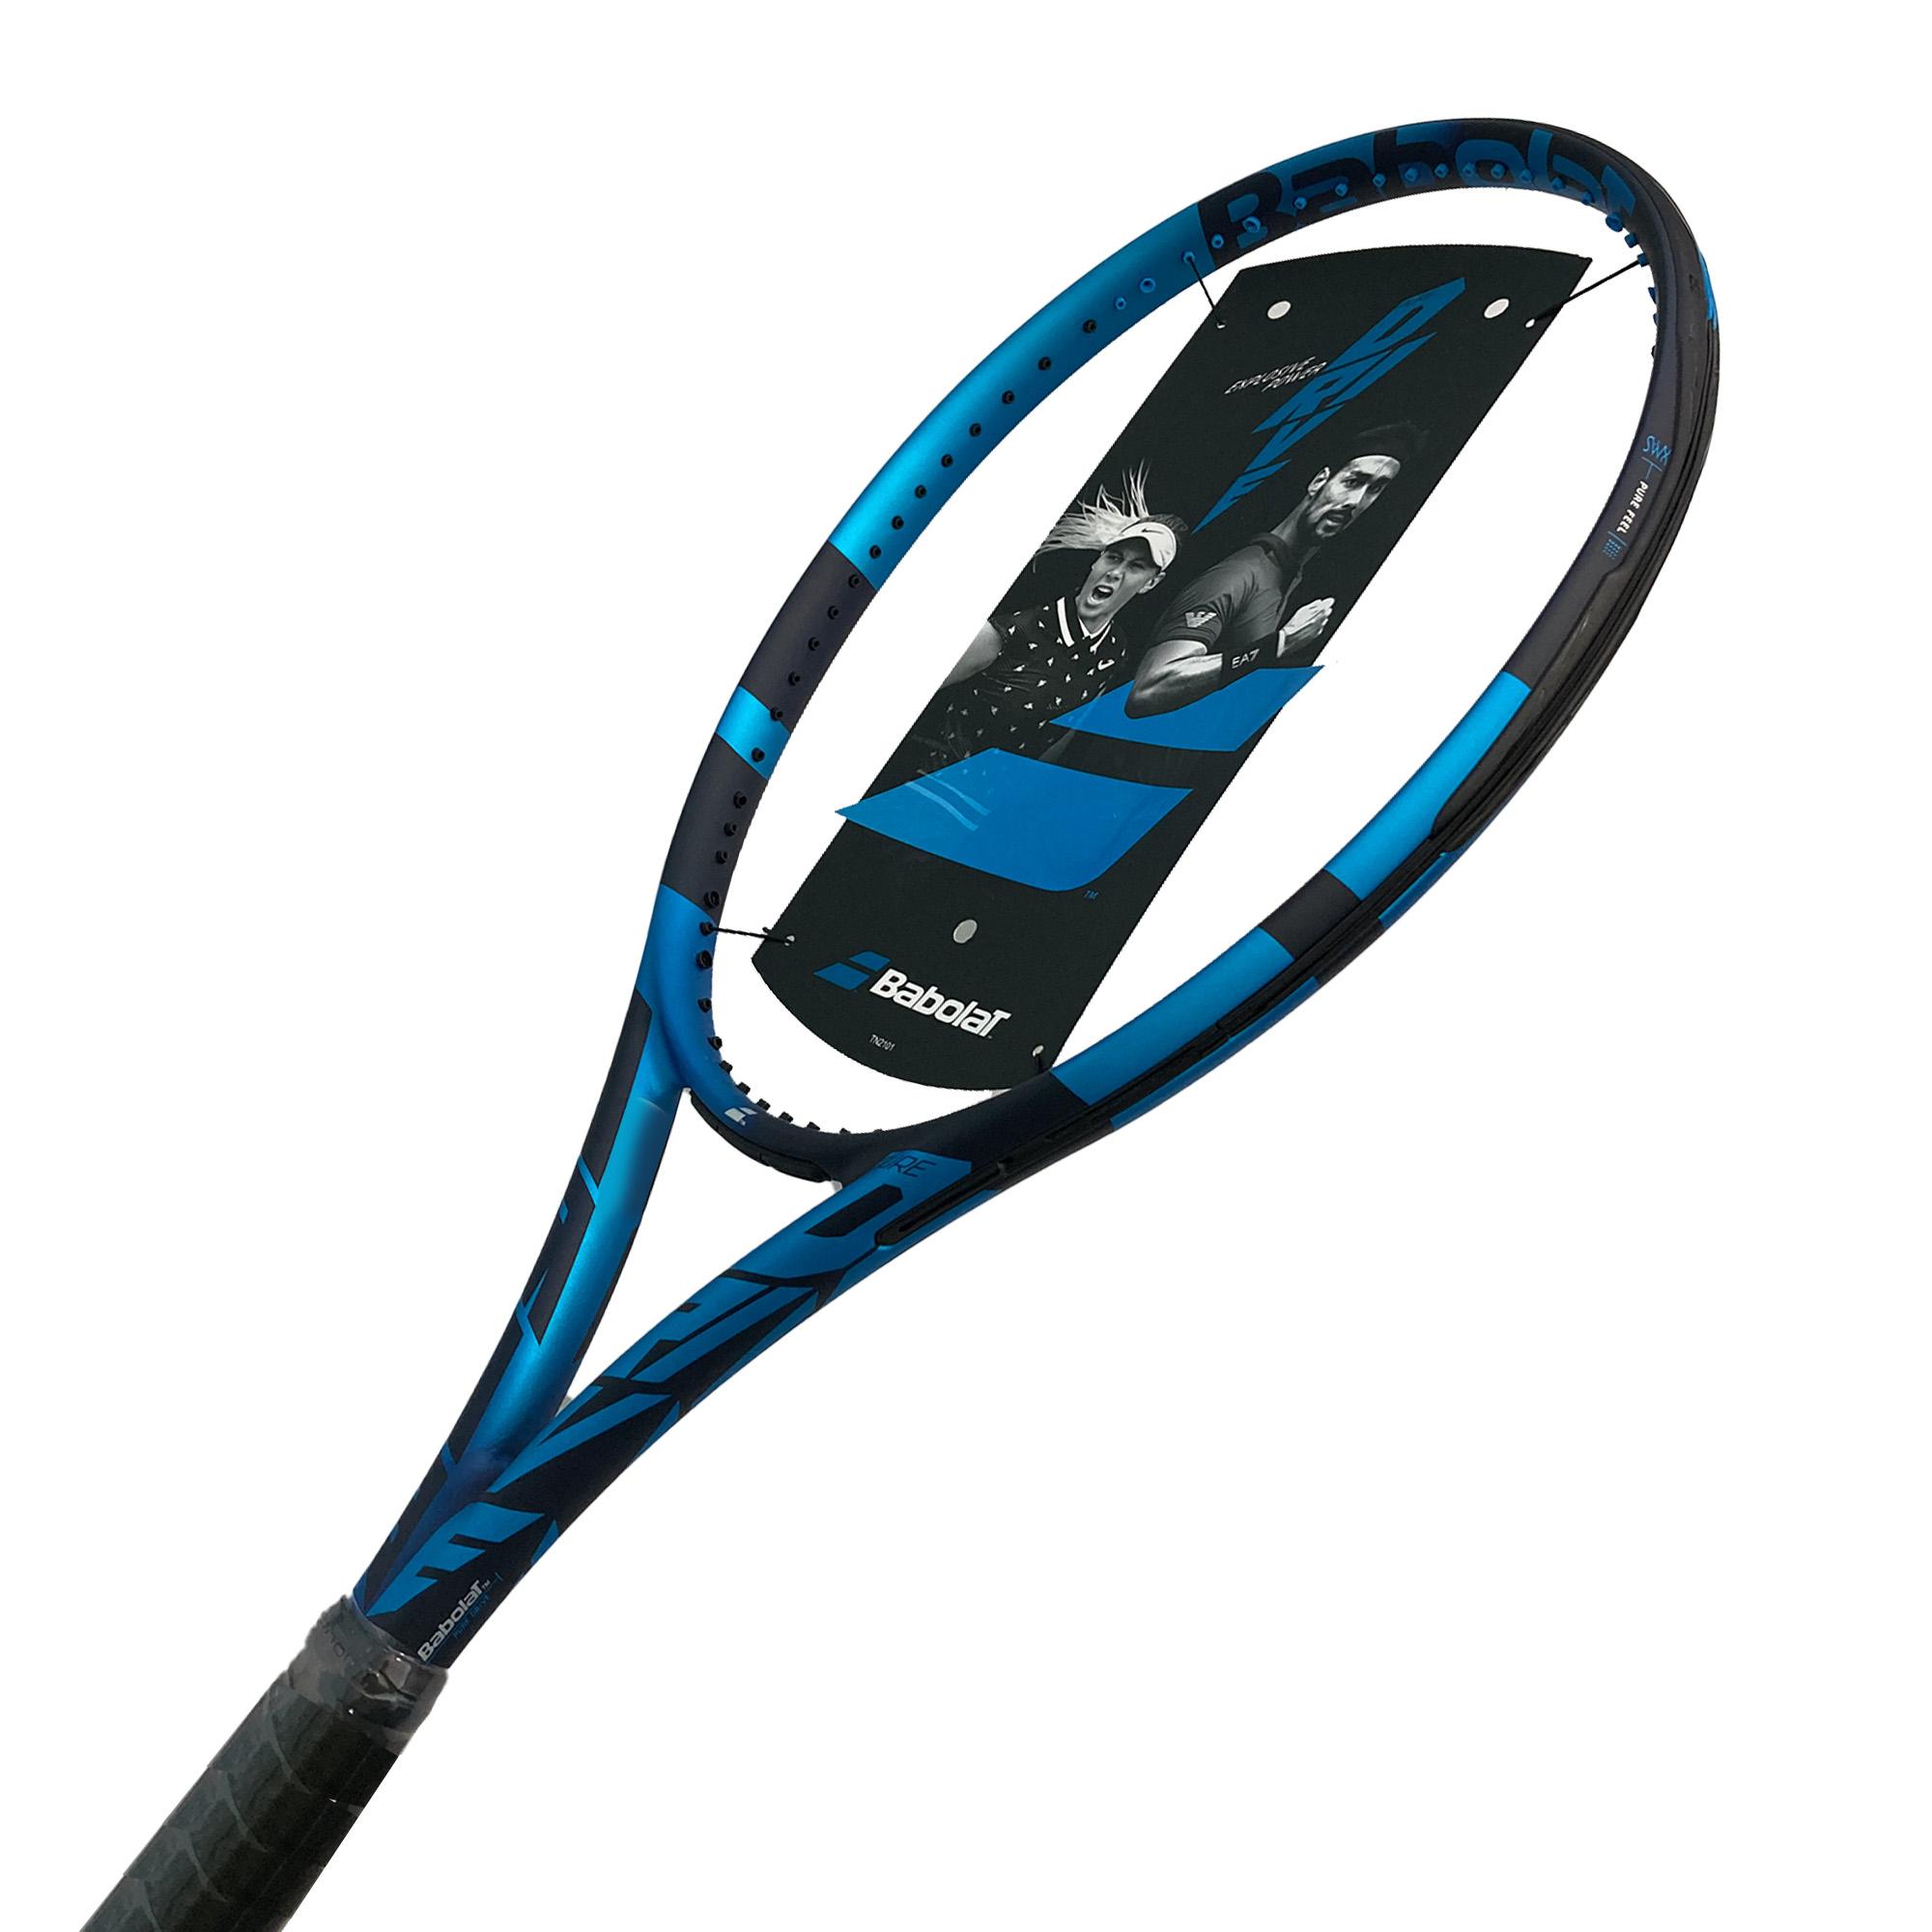 Raquete de Tênis Babolat Pure Drive + 2021 - 300g